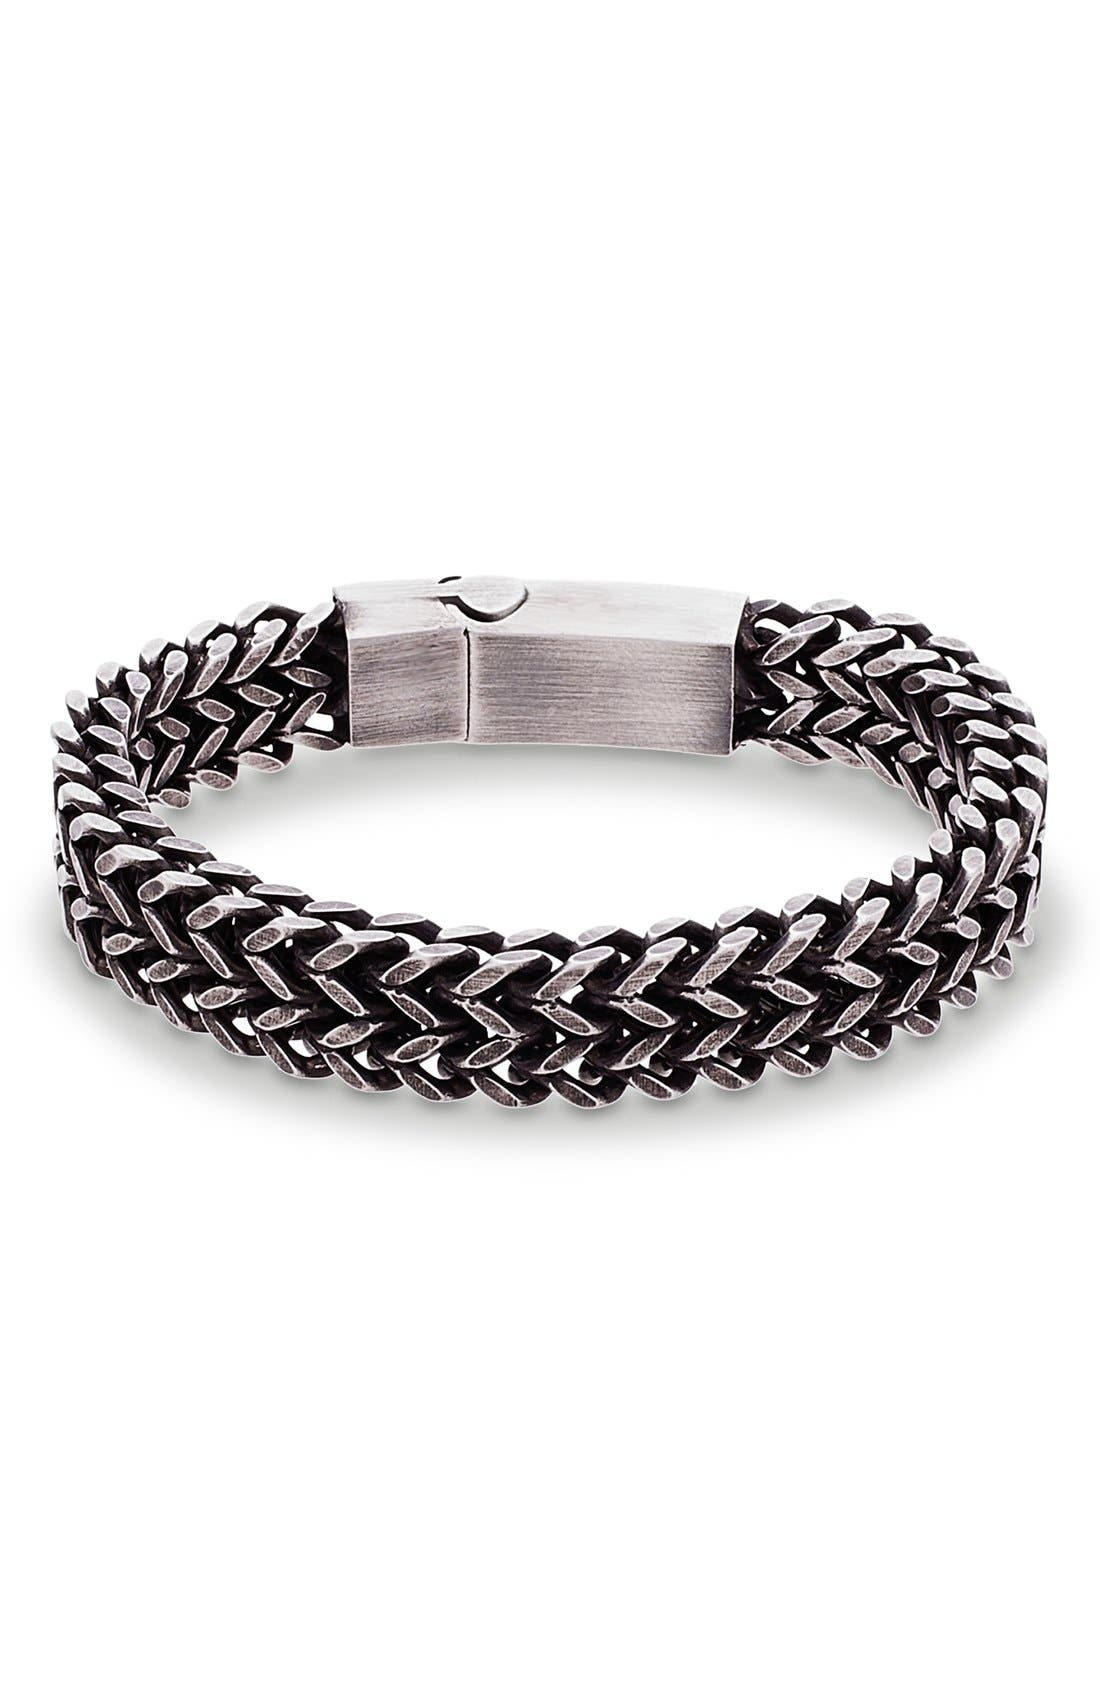 Main Image - Steve Madden Double Franco Chain Bracelet